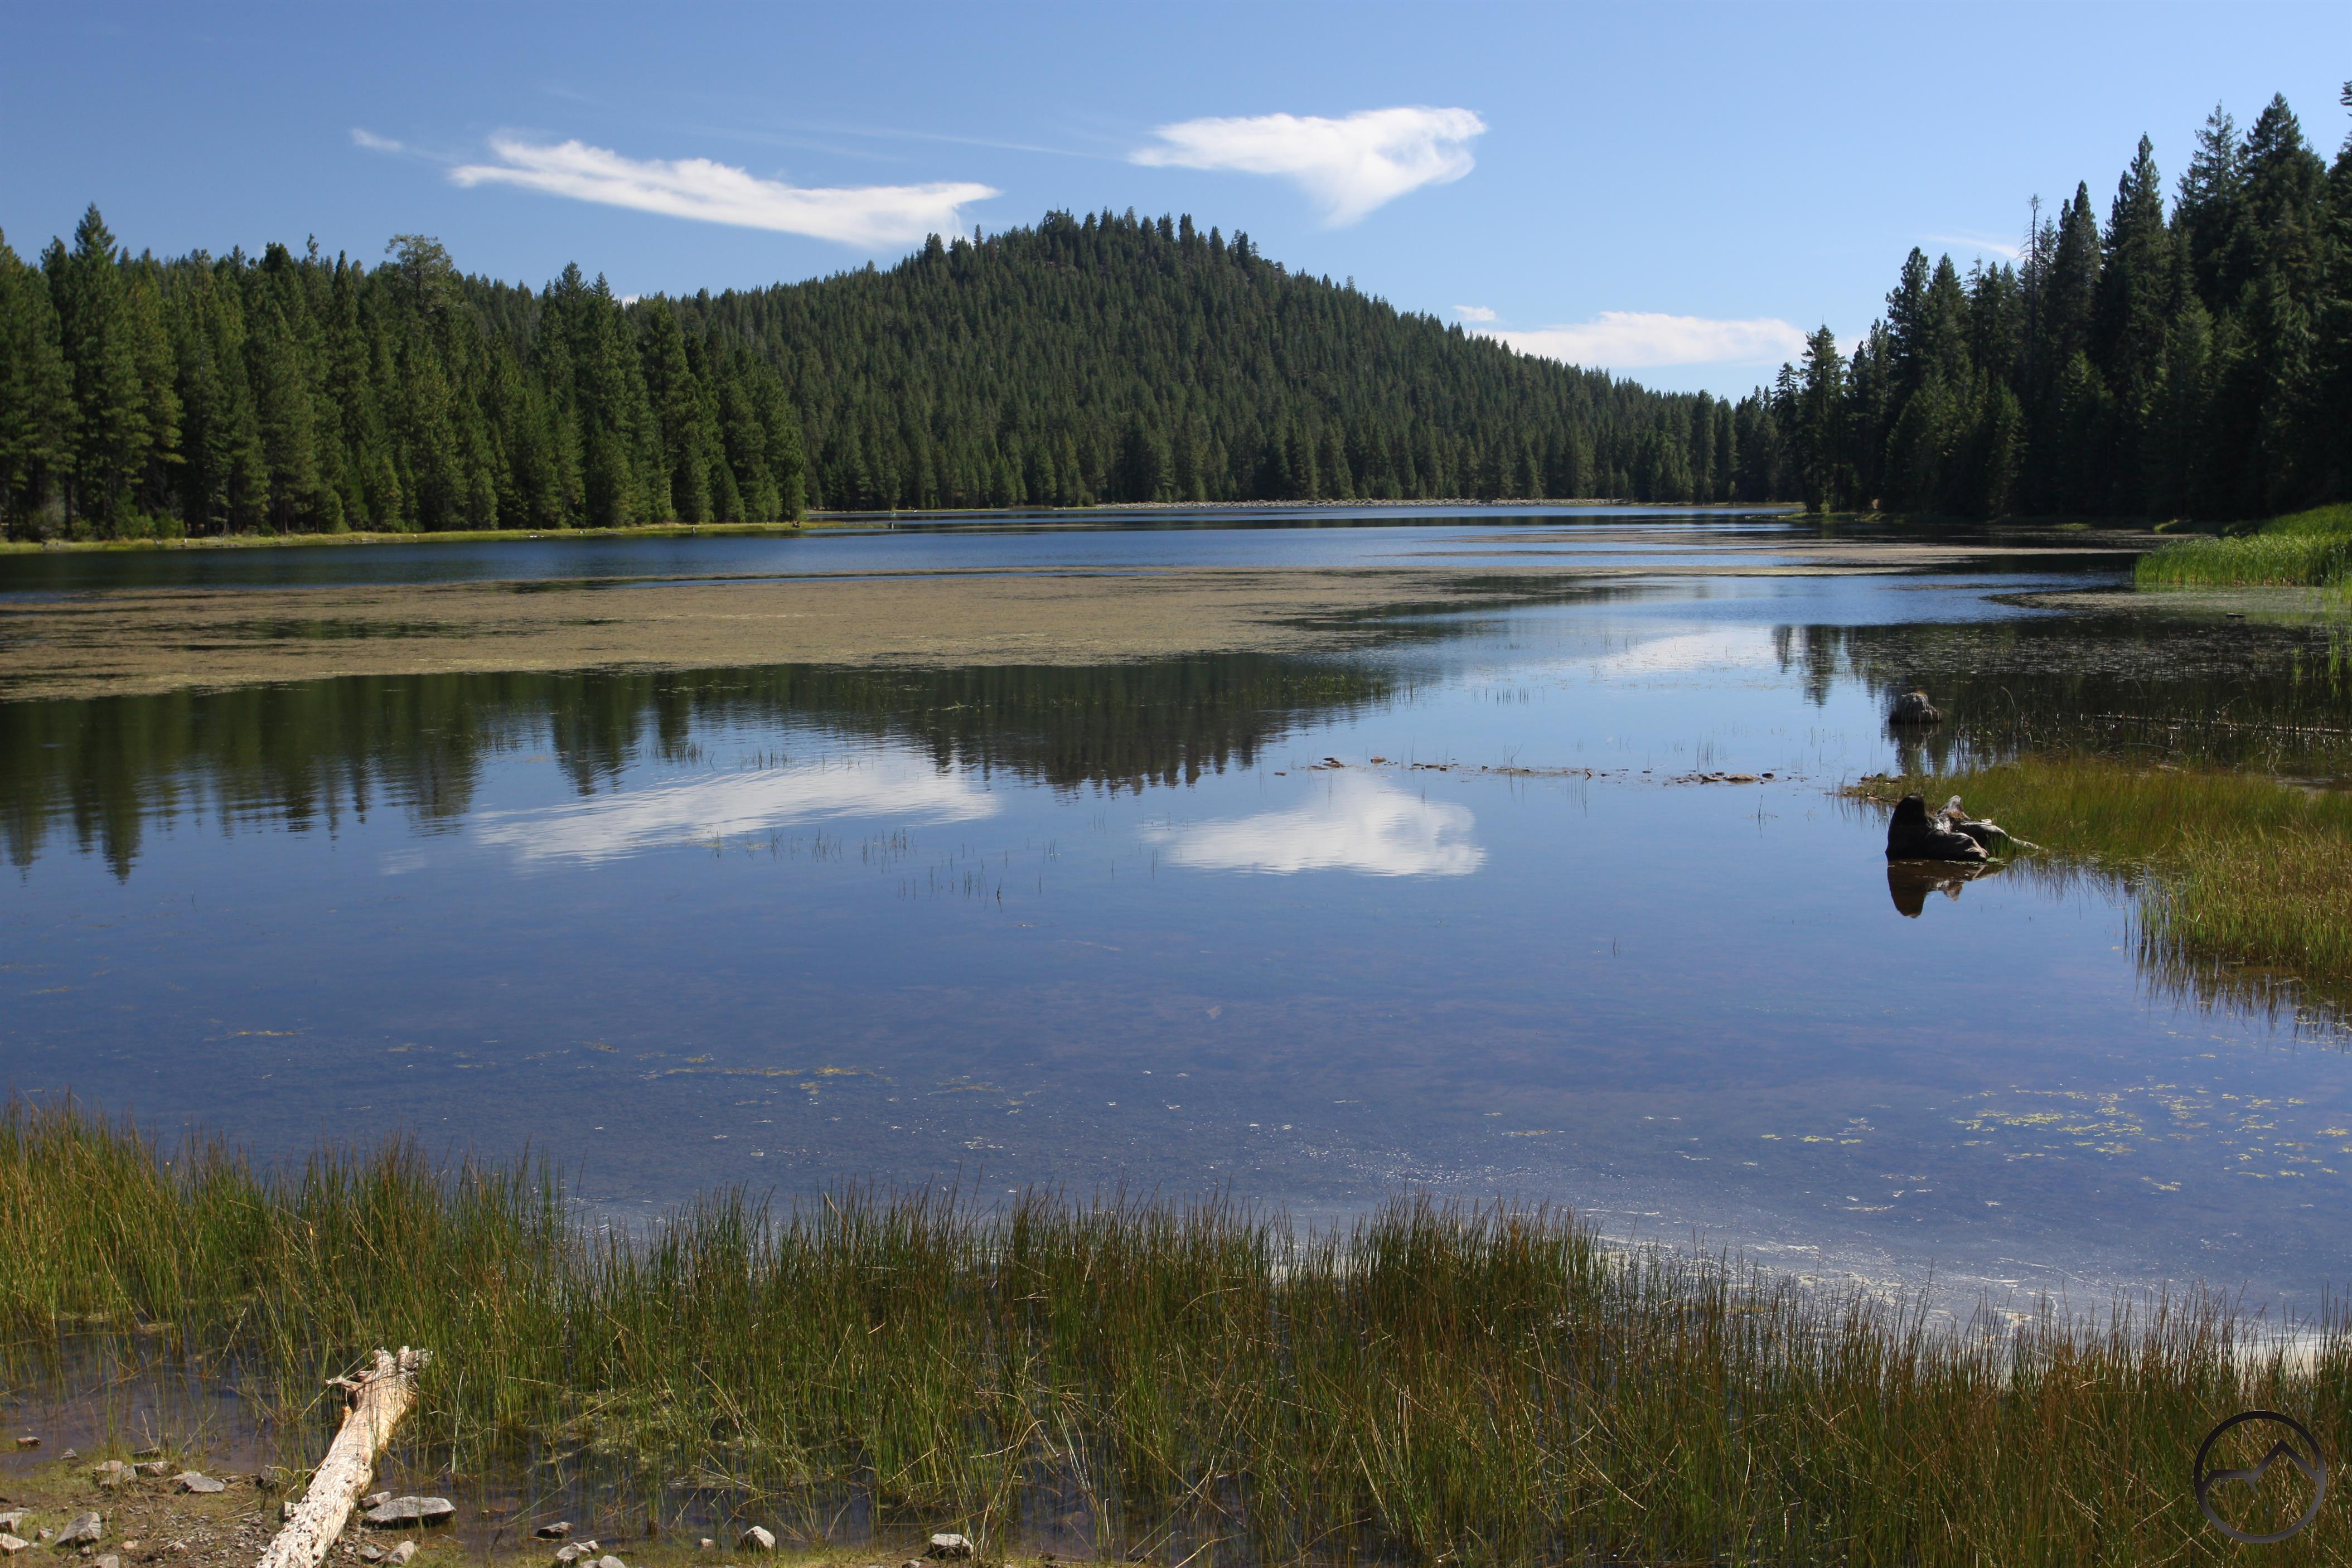 Mt Shasta Ca >> Juanita Lake Trail | Hike Mt. Shasta